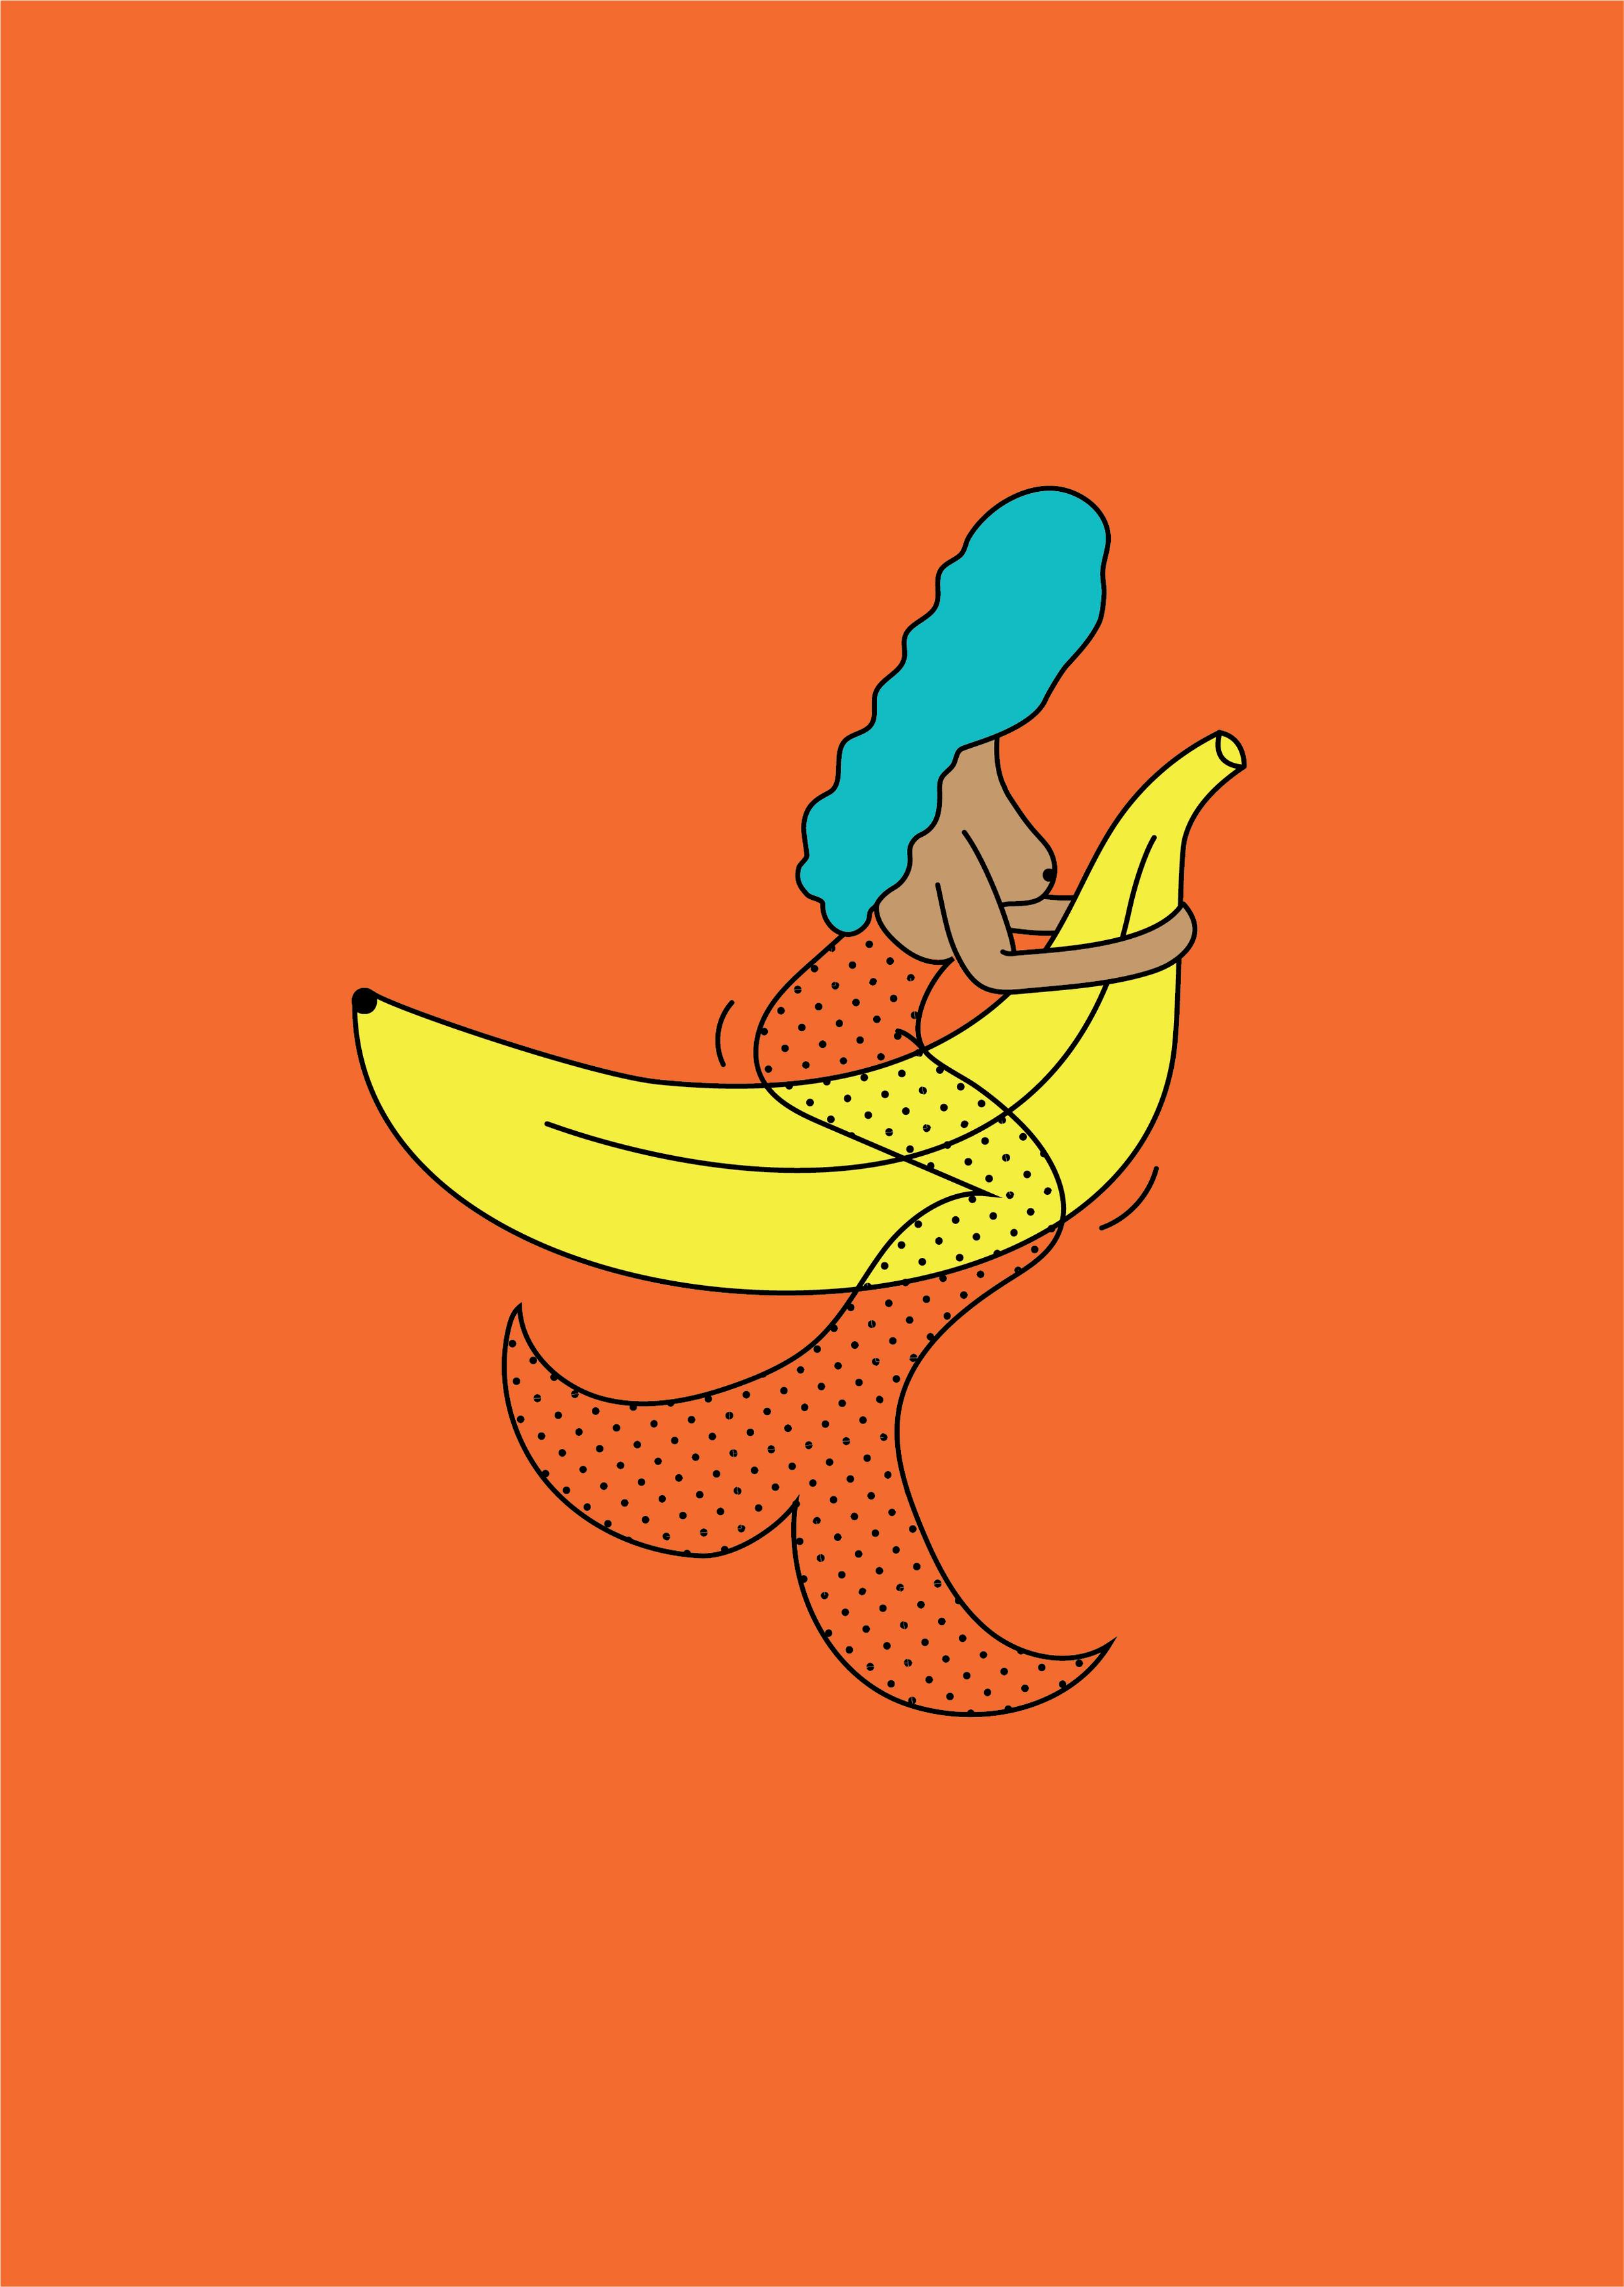 bannana_mermaid.png